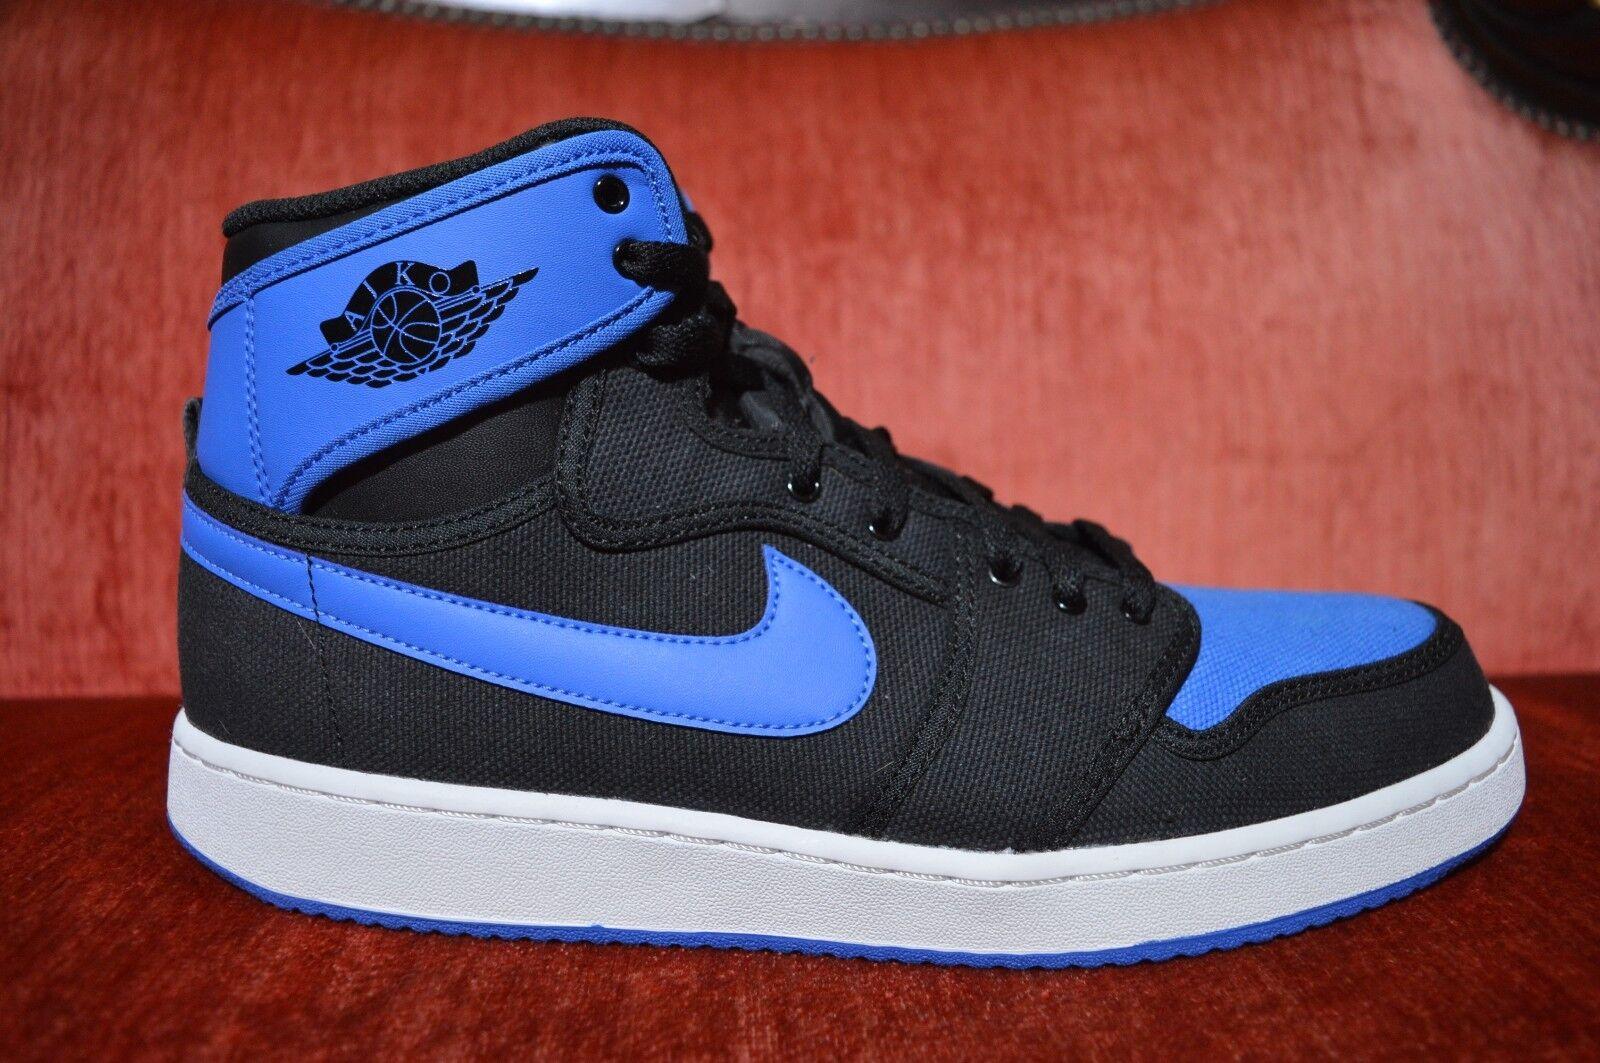 Nike Air Jordan I Retro 1 KO HIGH OG AJKO BLACK SPORT ROYAL BLUE WHITE BRED 11